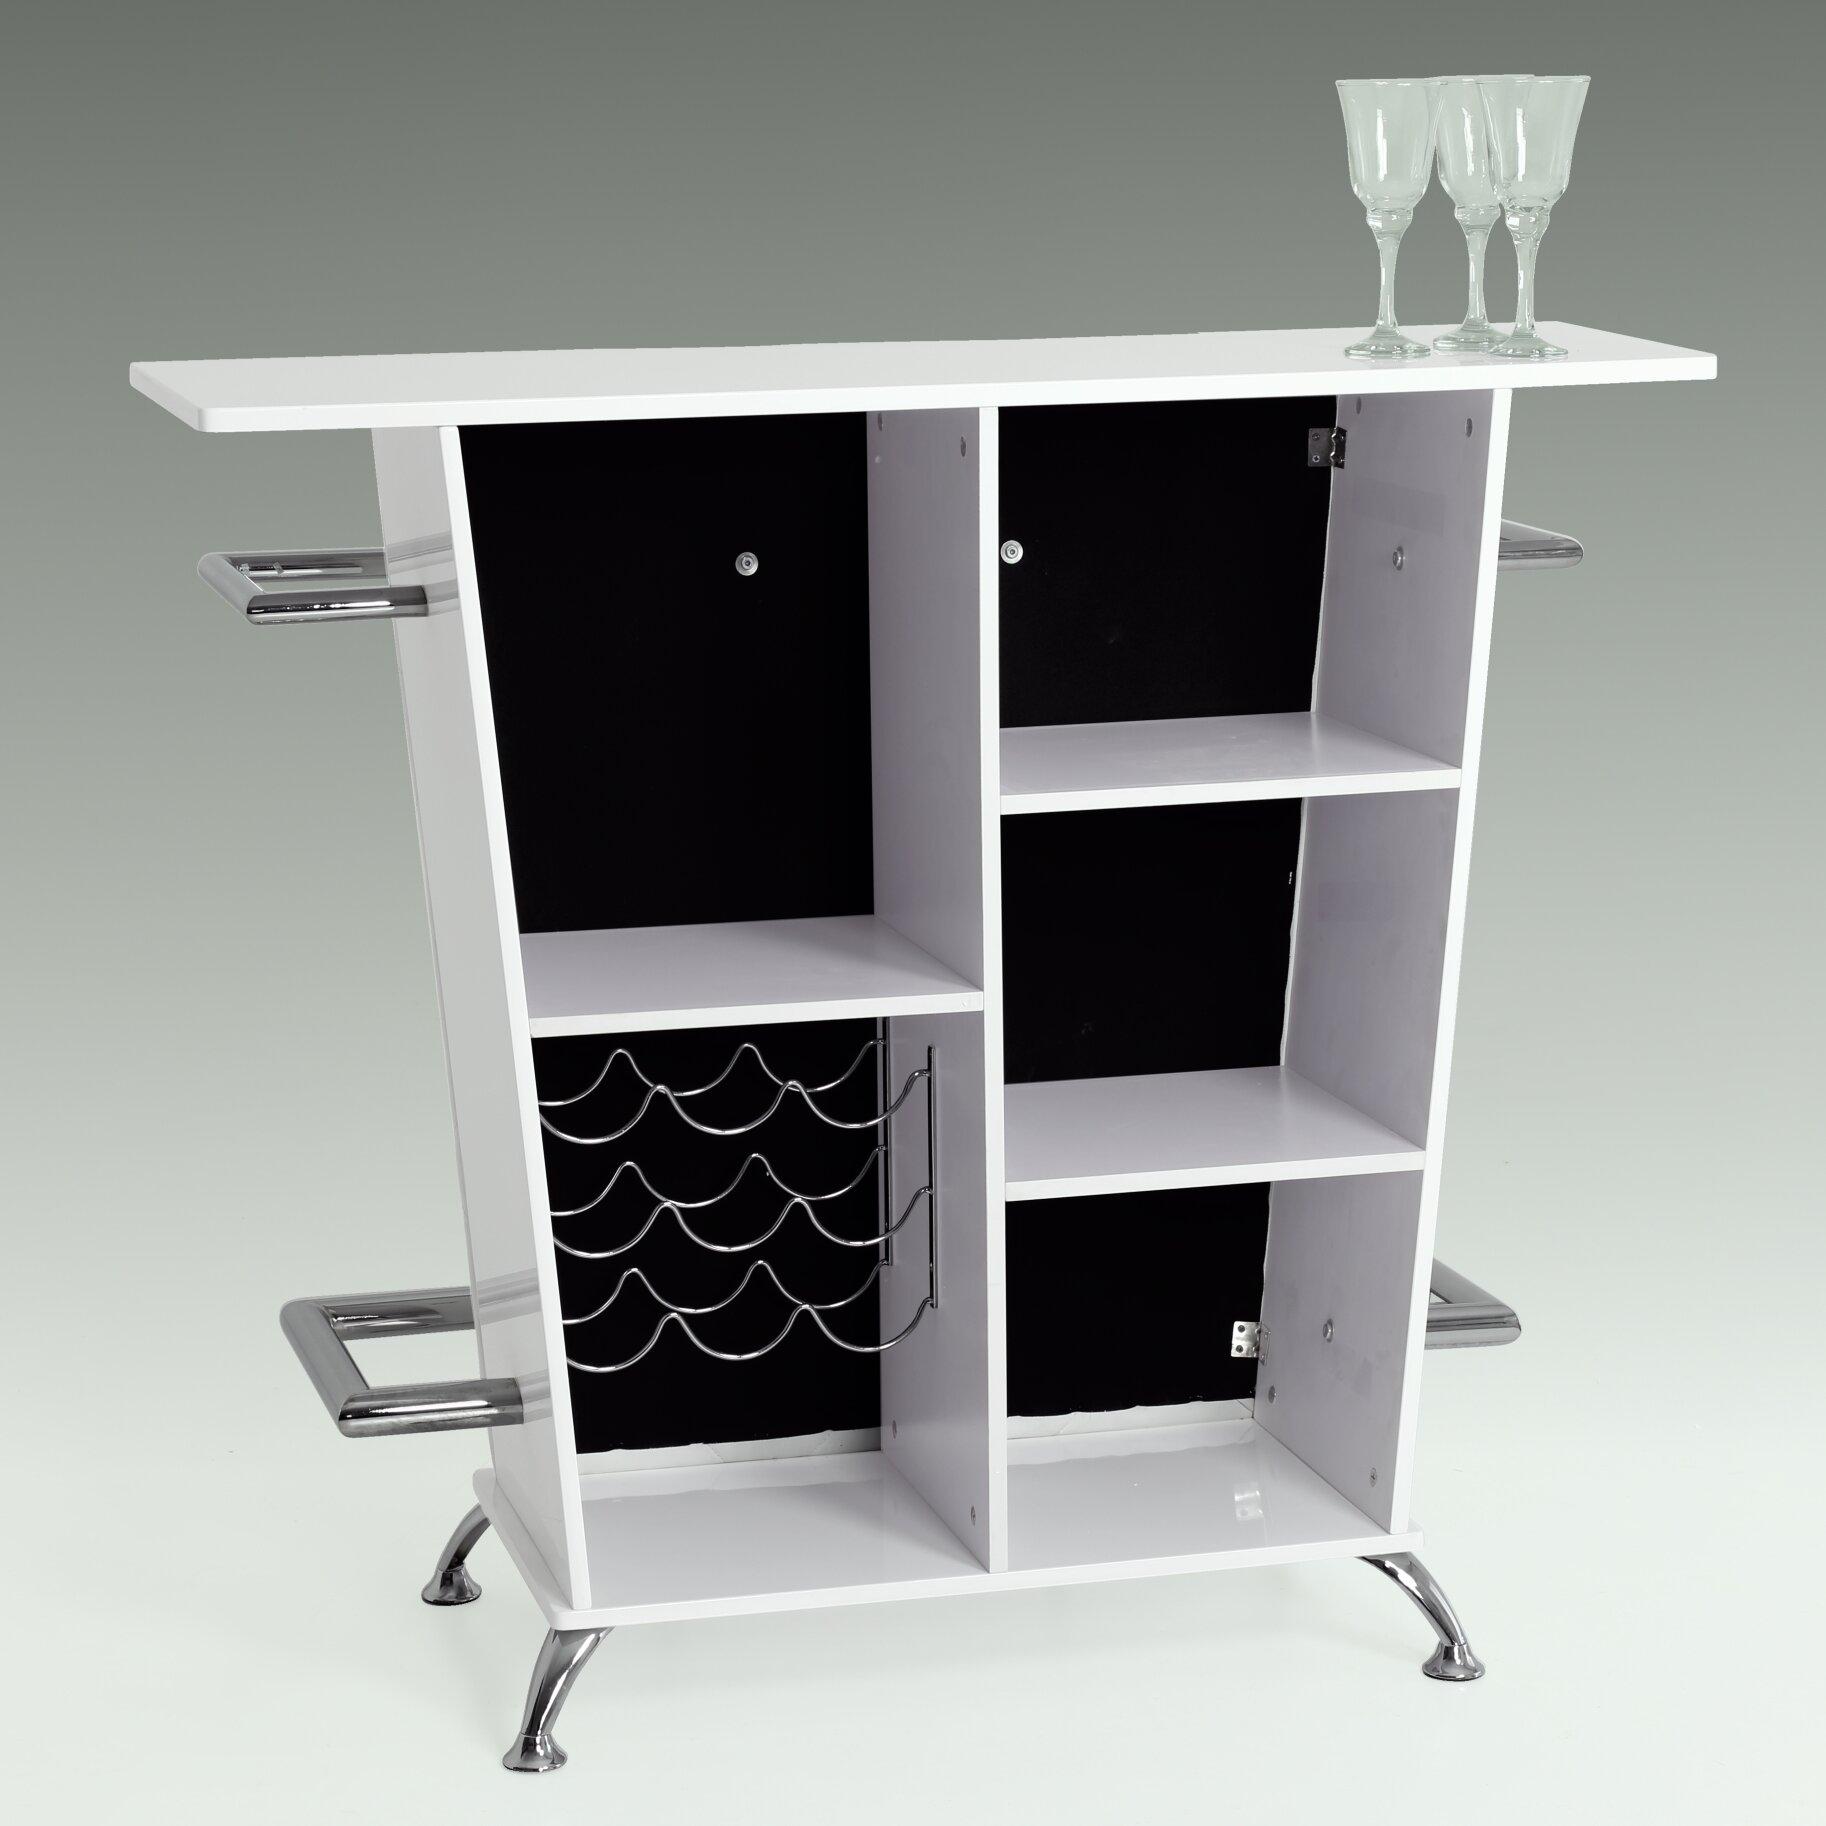 bartisch melissa bt mit weinregal von hela tische. Black Bedroom Furniture Sets. Home Design Ideas